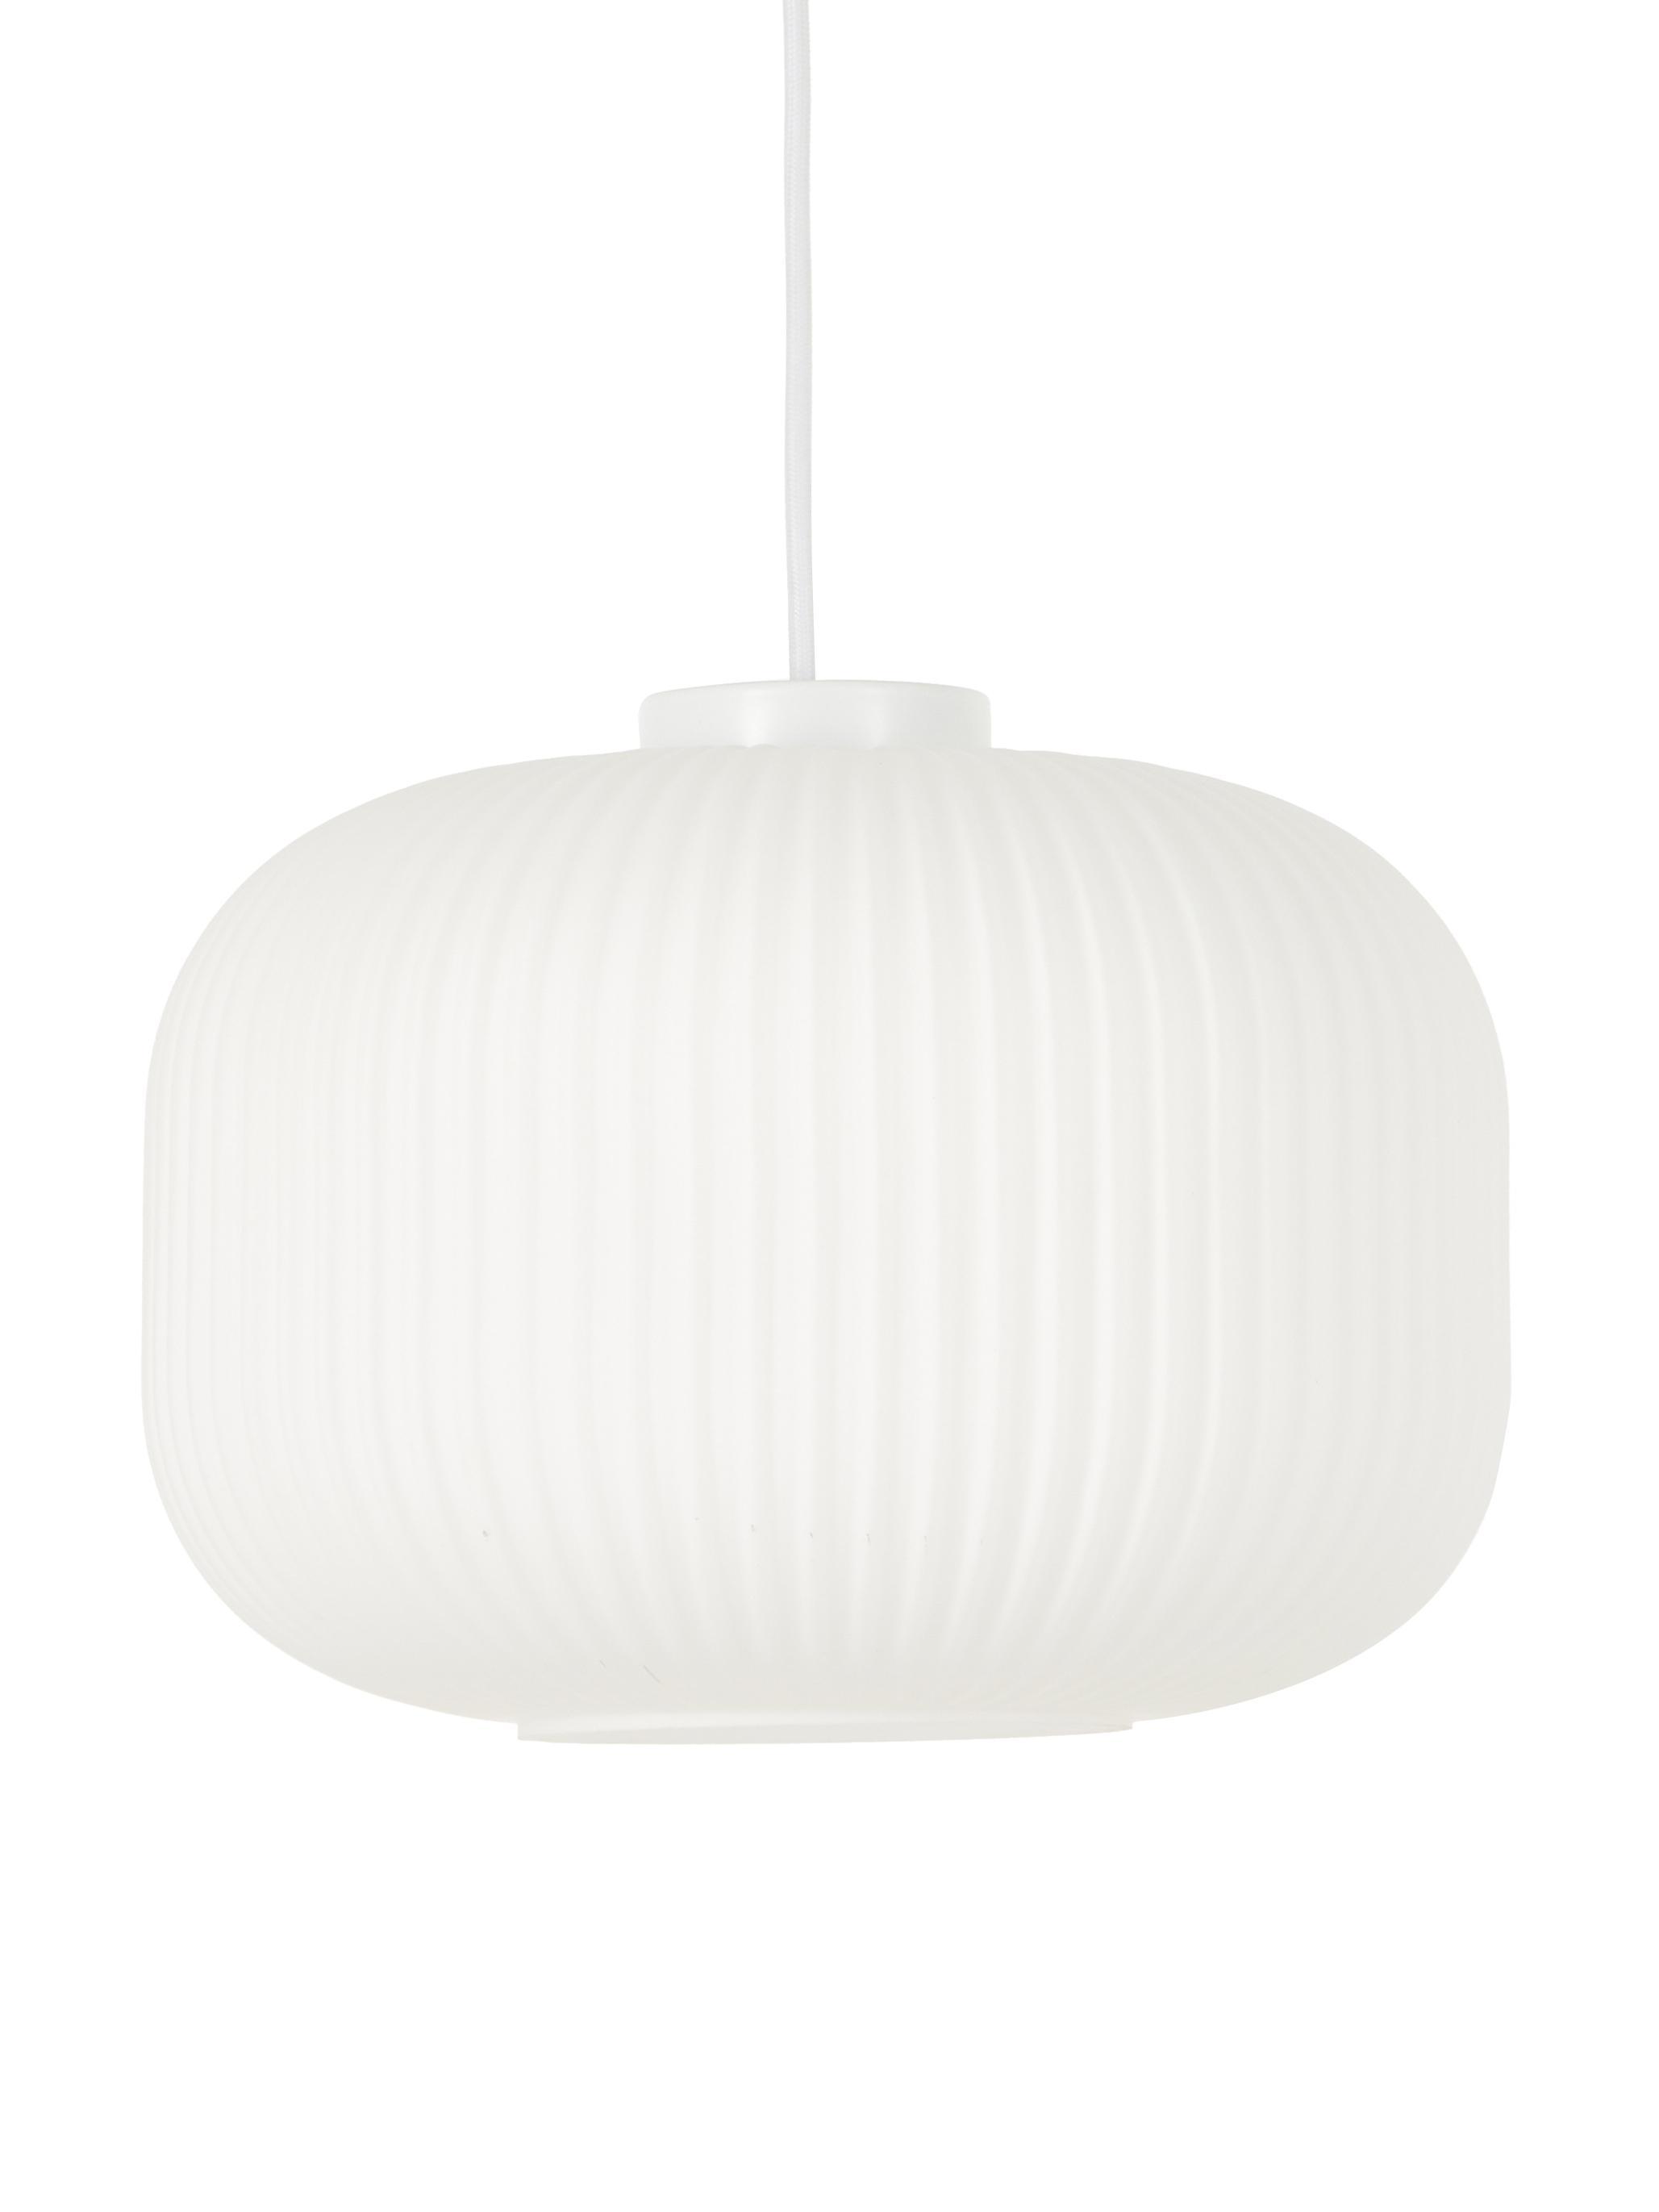 Pendelleuchte Mildford aus Opalglas, Opalglas, Weiß, Ø 30 x H 28 cm